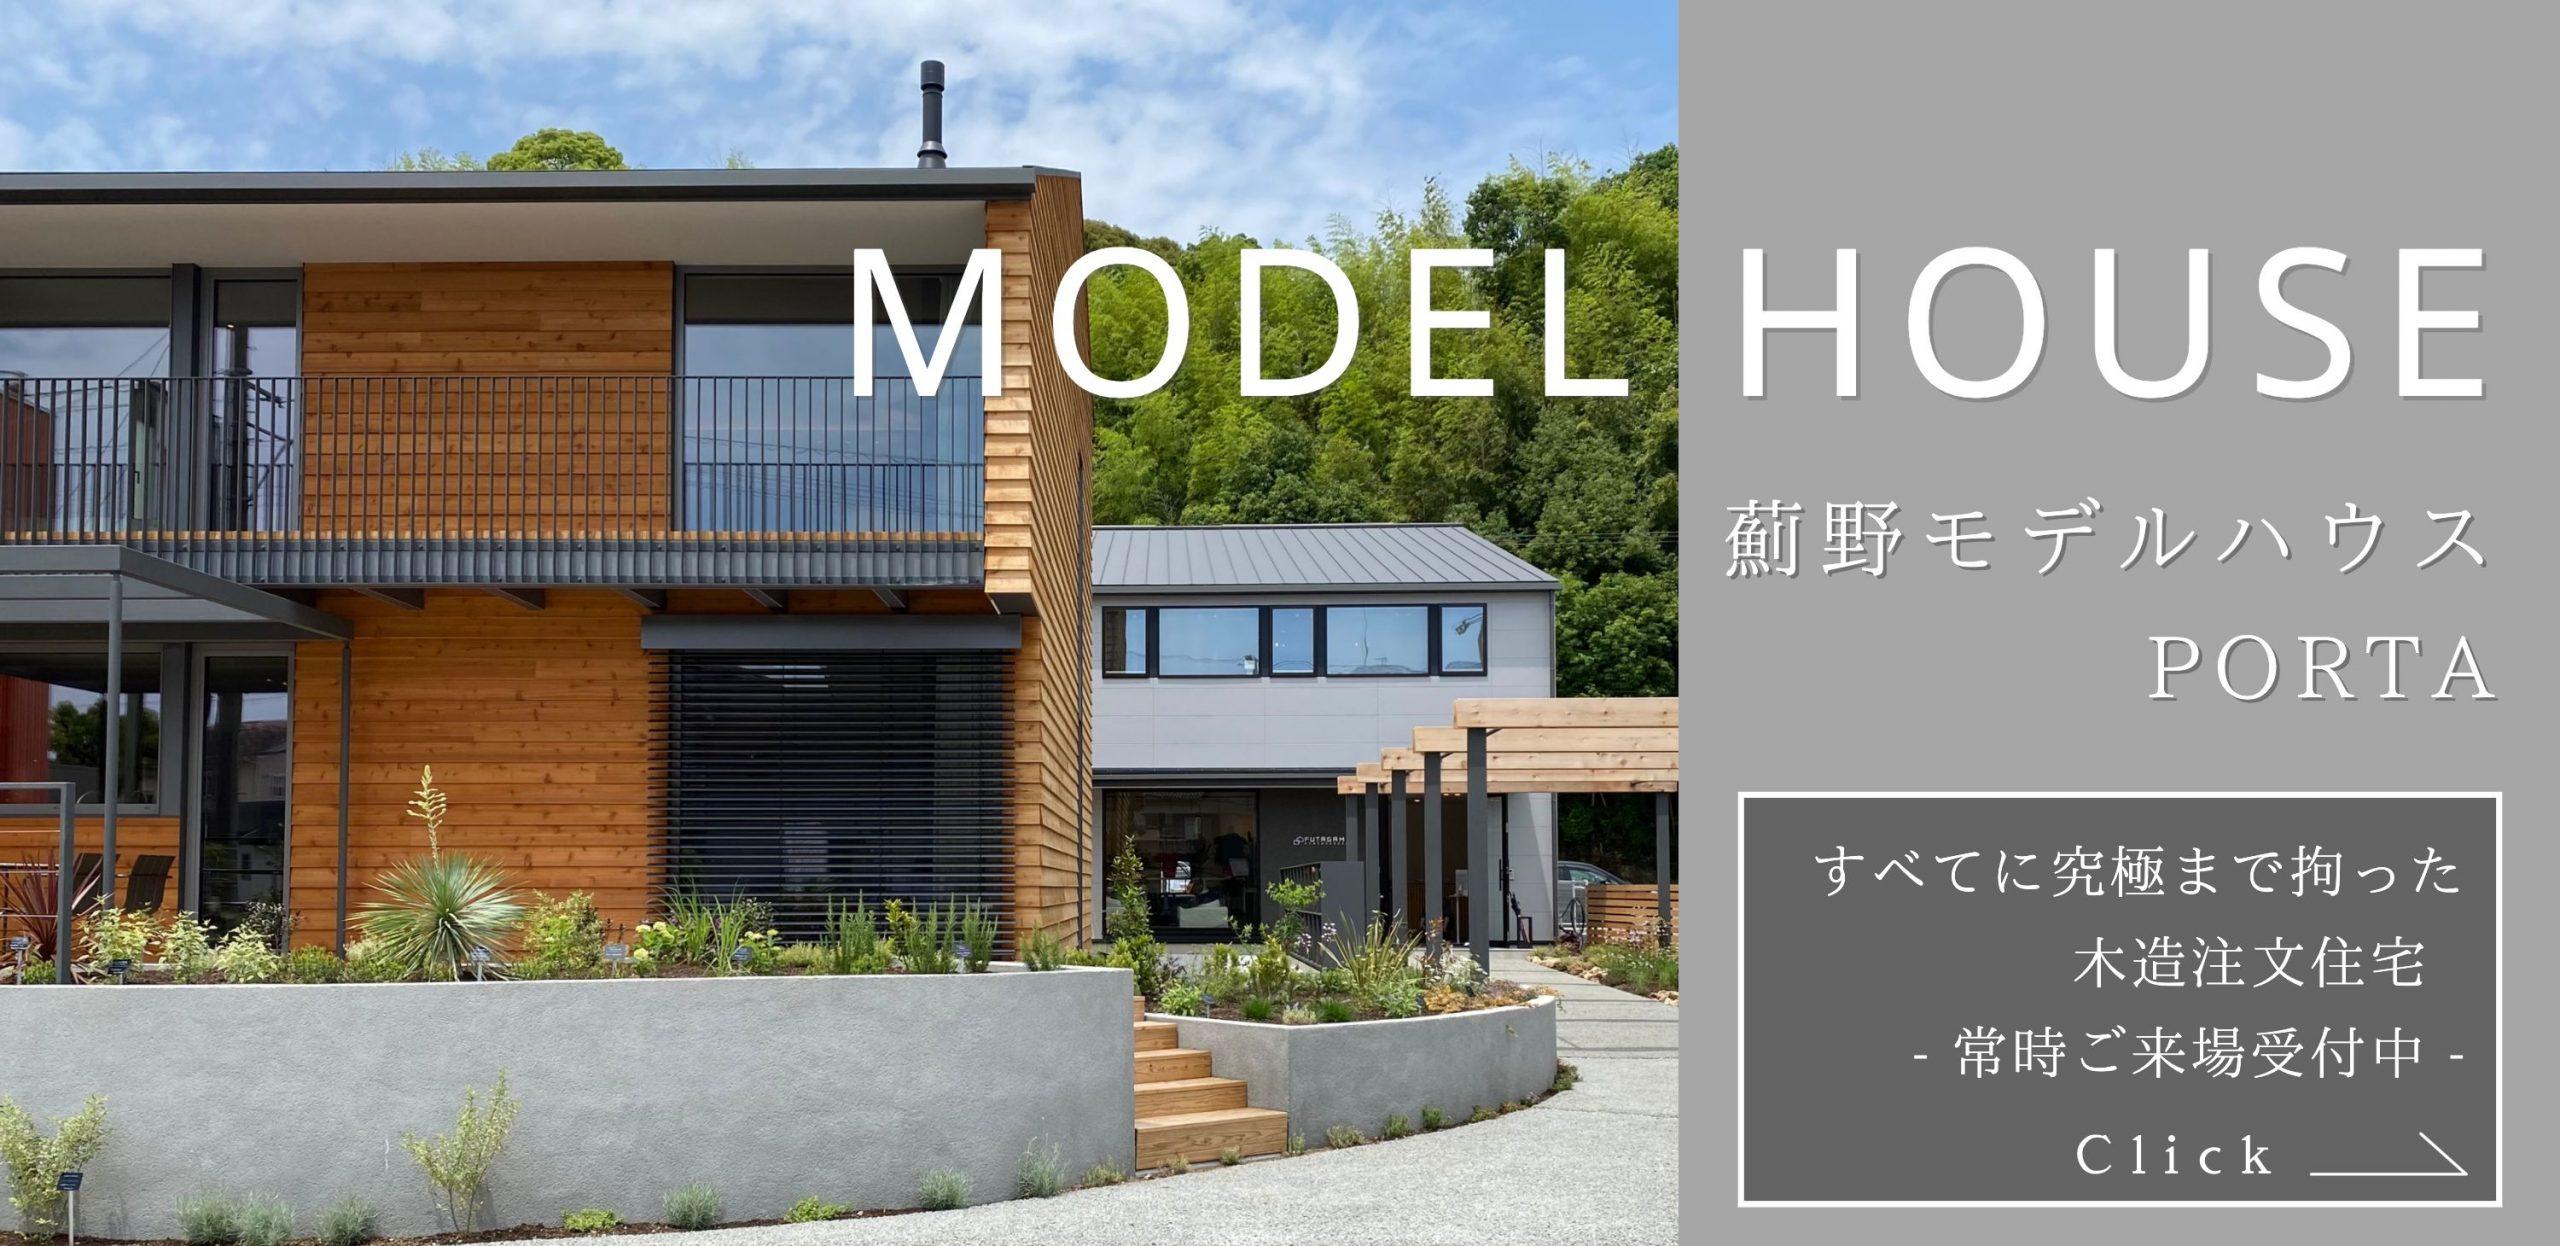 経年変化・経年美化を楽しみながら「住み継ぎ、受け継ぐ」薊野展示場 Project FUTAGAMI HOME&GARDEN -azono project-